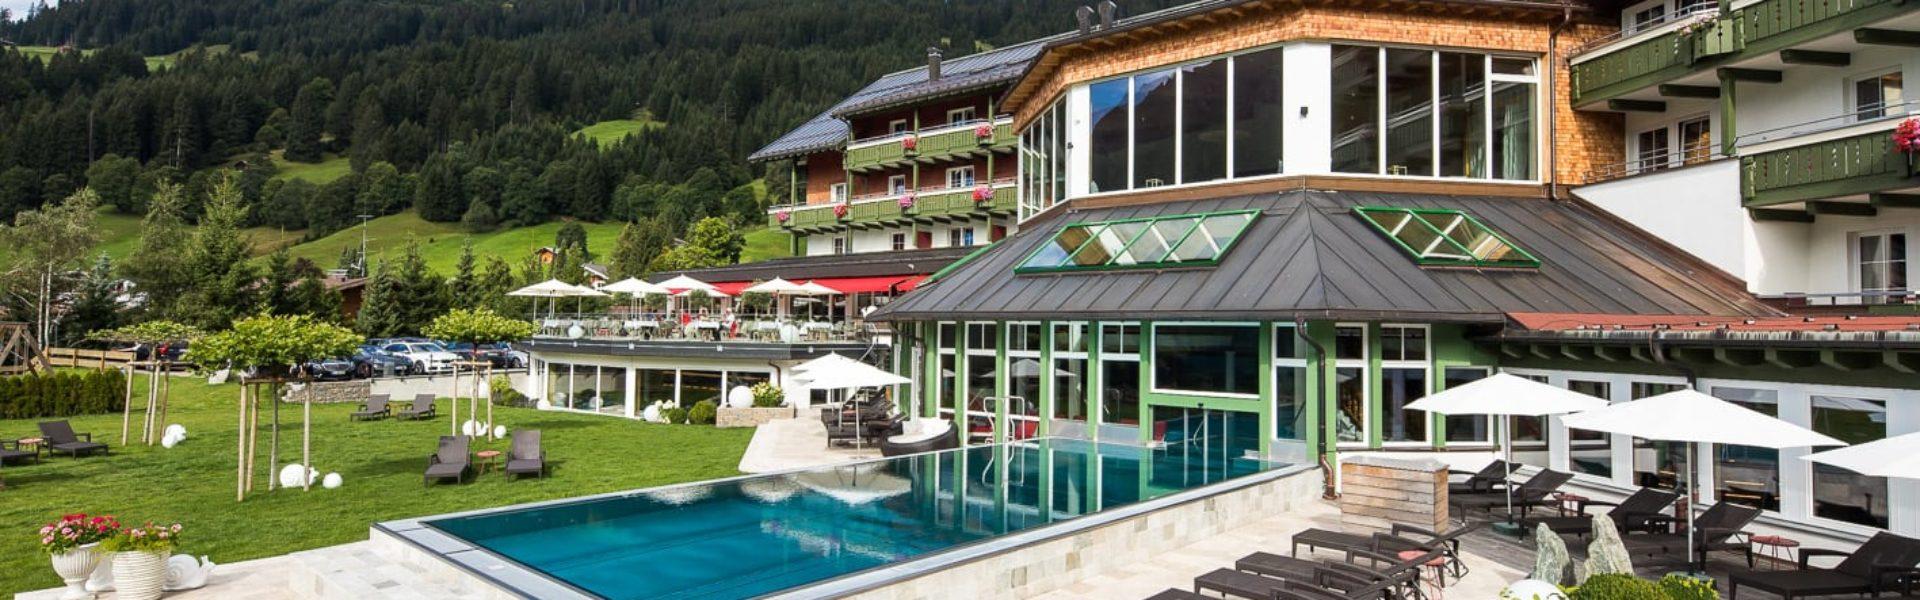 Hallers Geniesserhotel Kleinwalsertal (c) Walser - Hallers Geniesserhotel